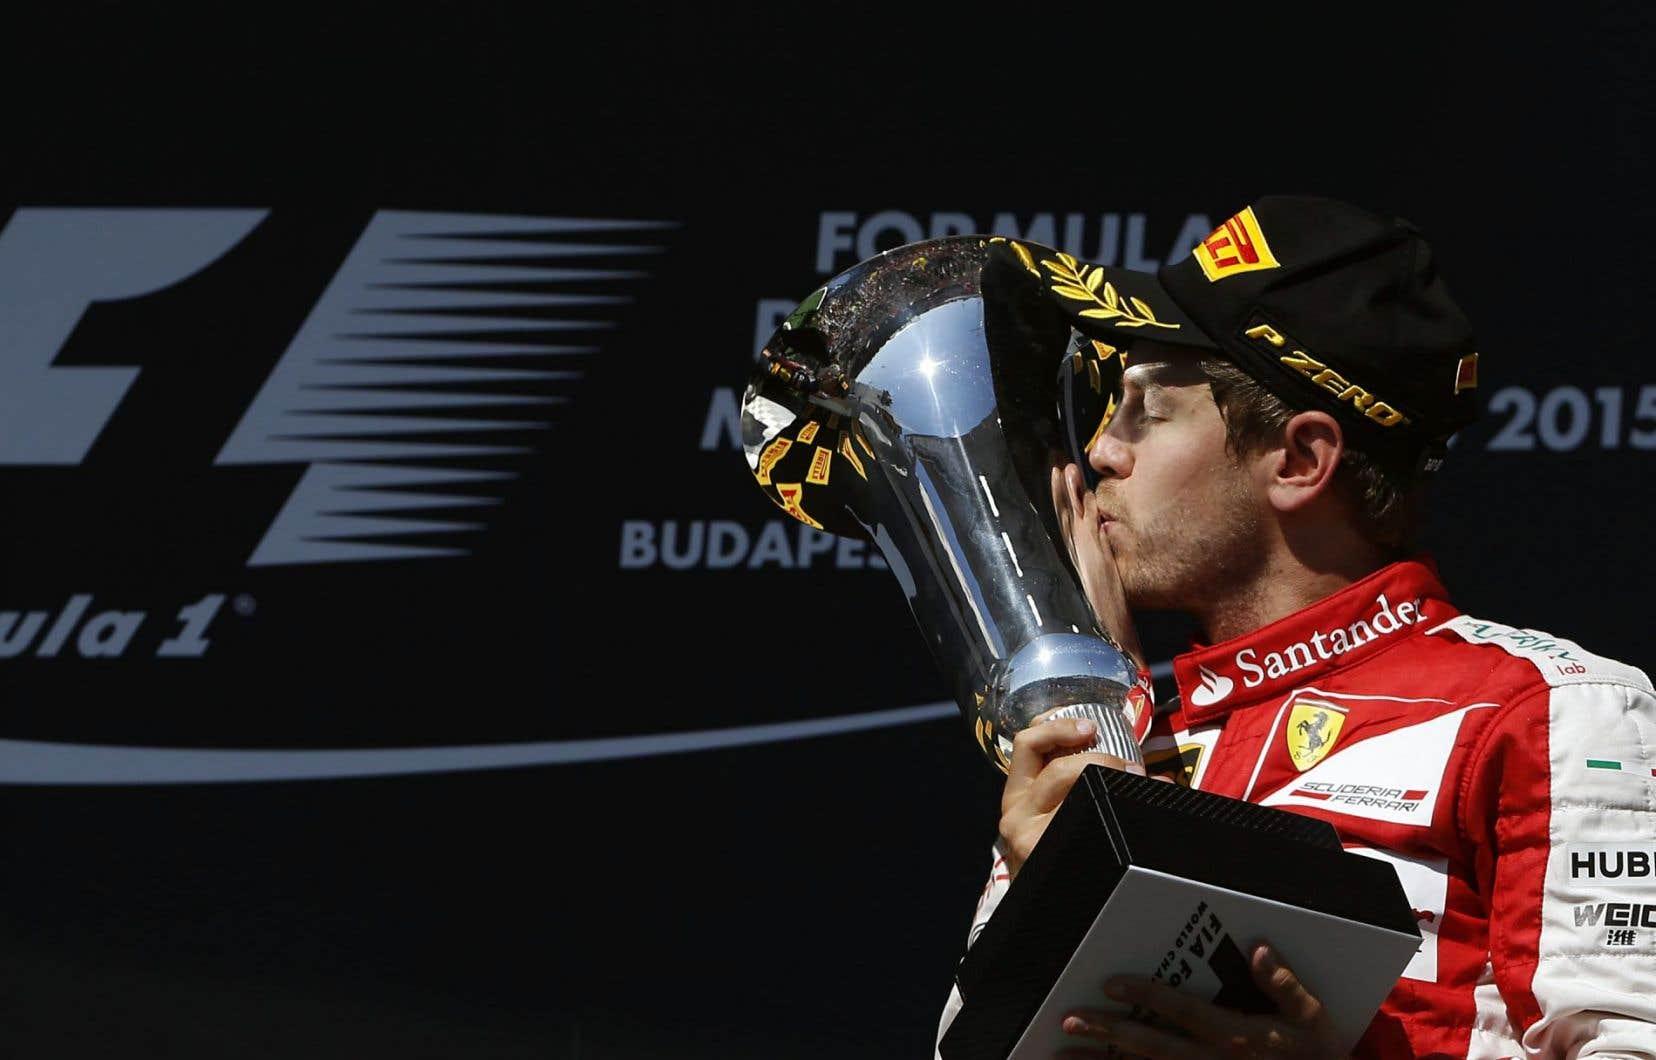 Sebastian Vettel, quadruple champion de la F1, a célébré une 41e victoire en carrière dimanche.